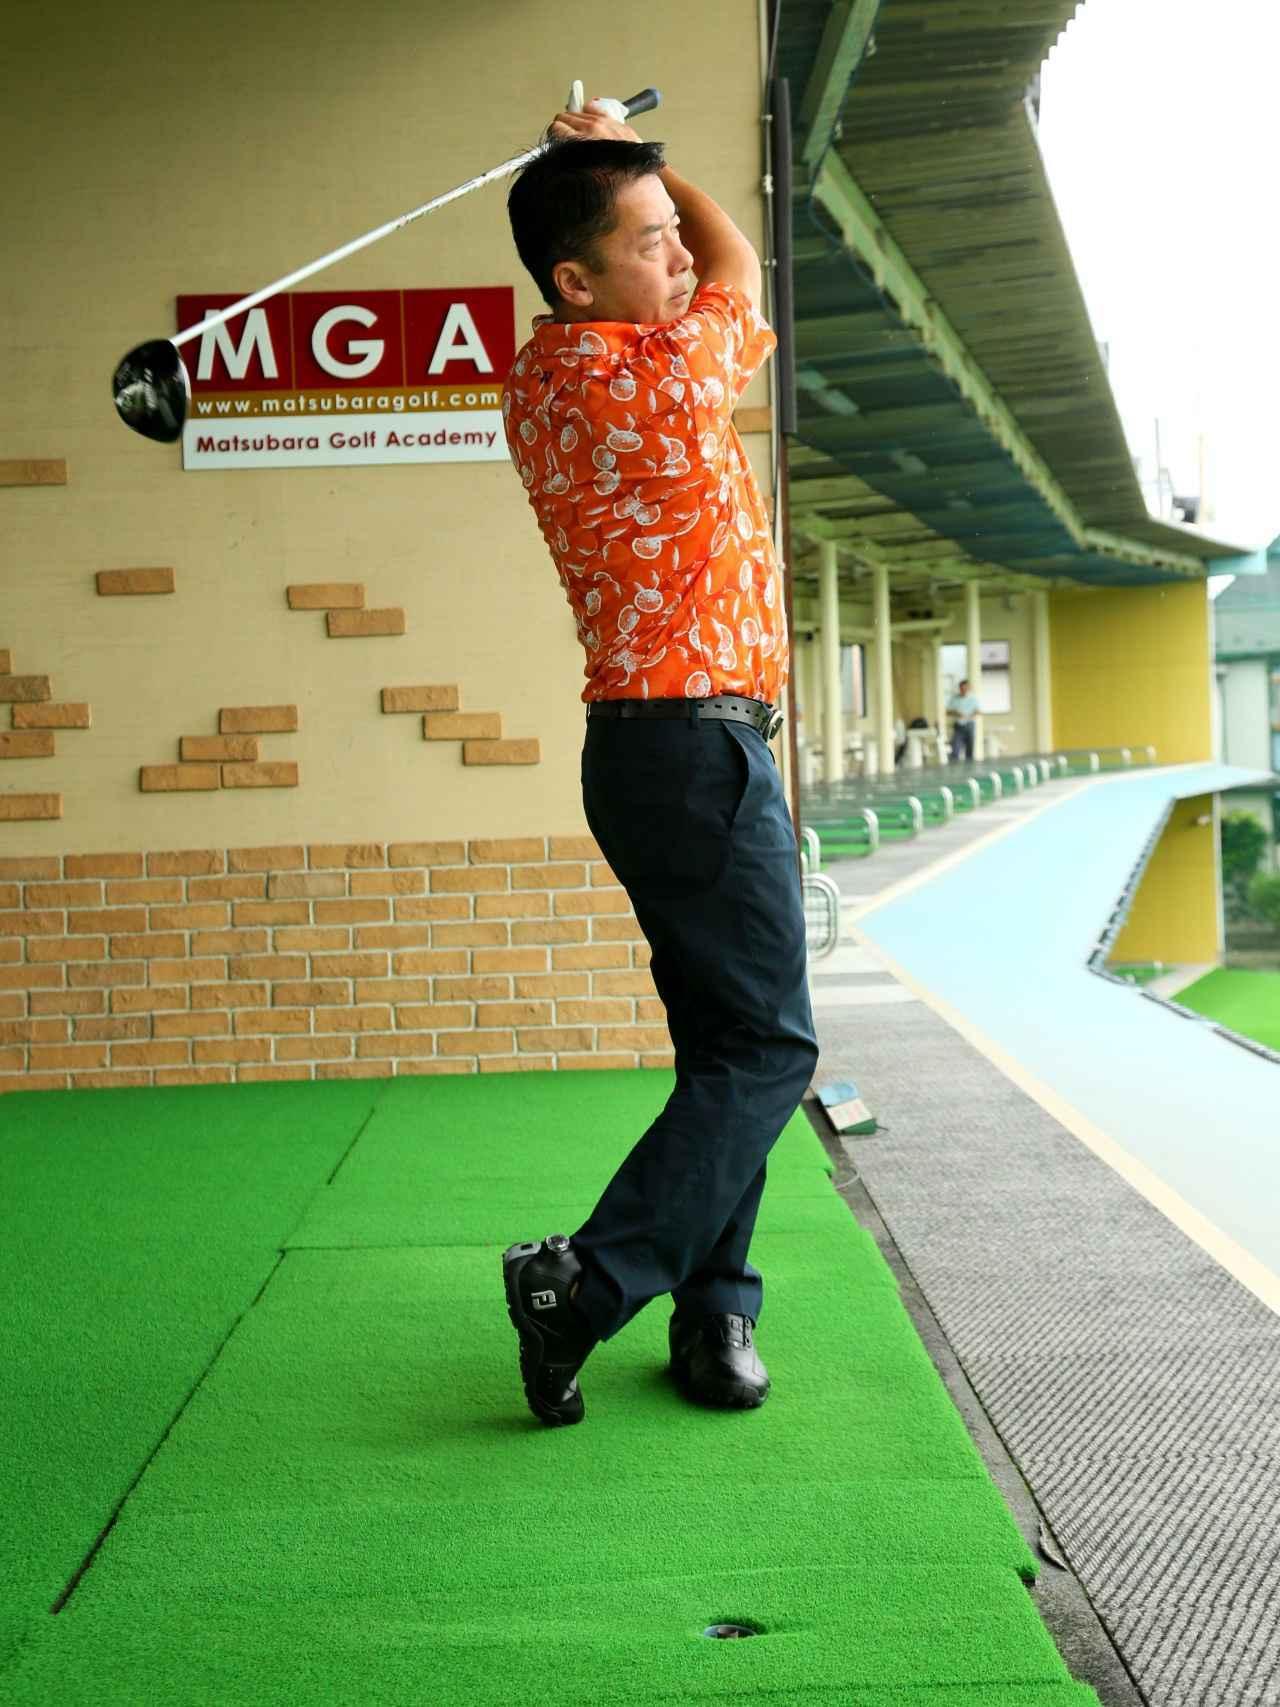 画像7: 【練習方法】プレー前夜、練習場に駆け込んだらコレ! アベレージゴルファーのための「ラウンド前の一夜漬け練習」